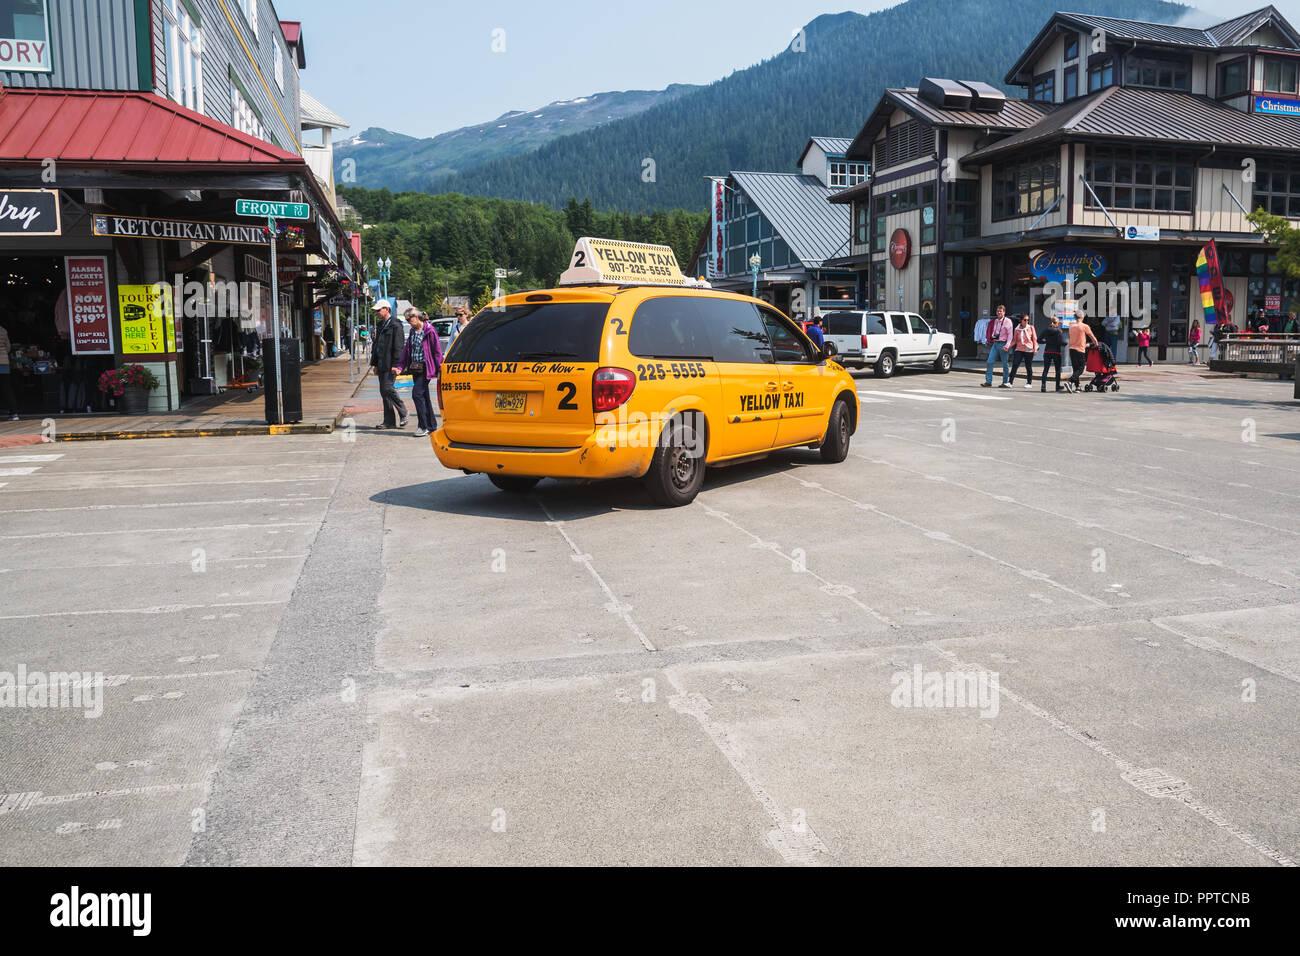 Alaska yellow taxi, Ketchikan, Alaska, USA, - Stock Image